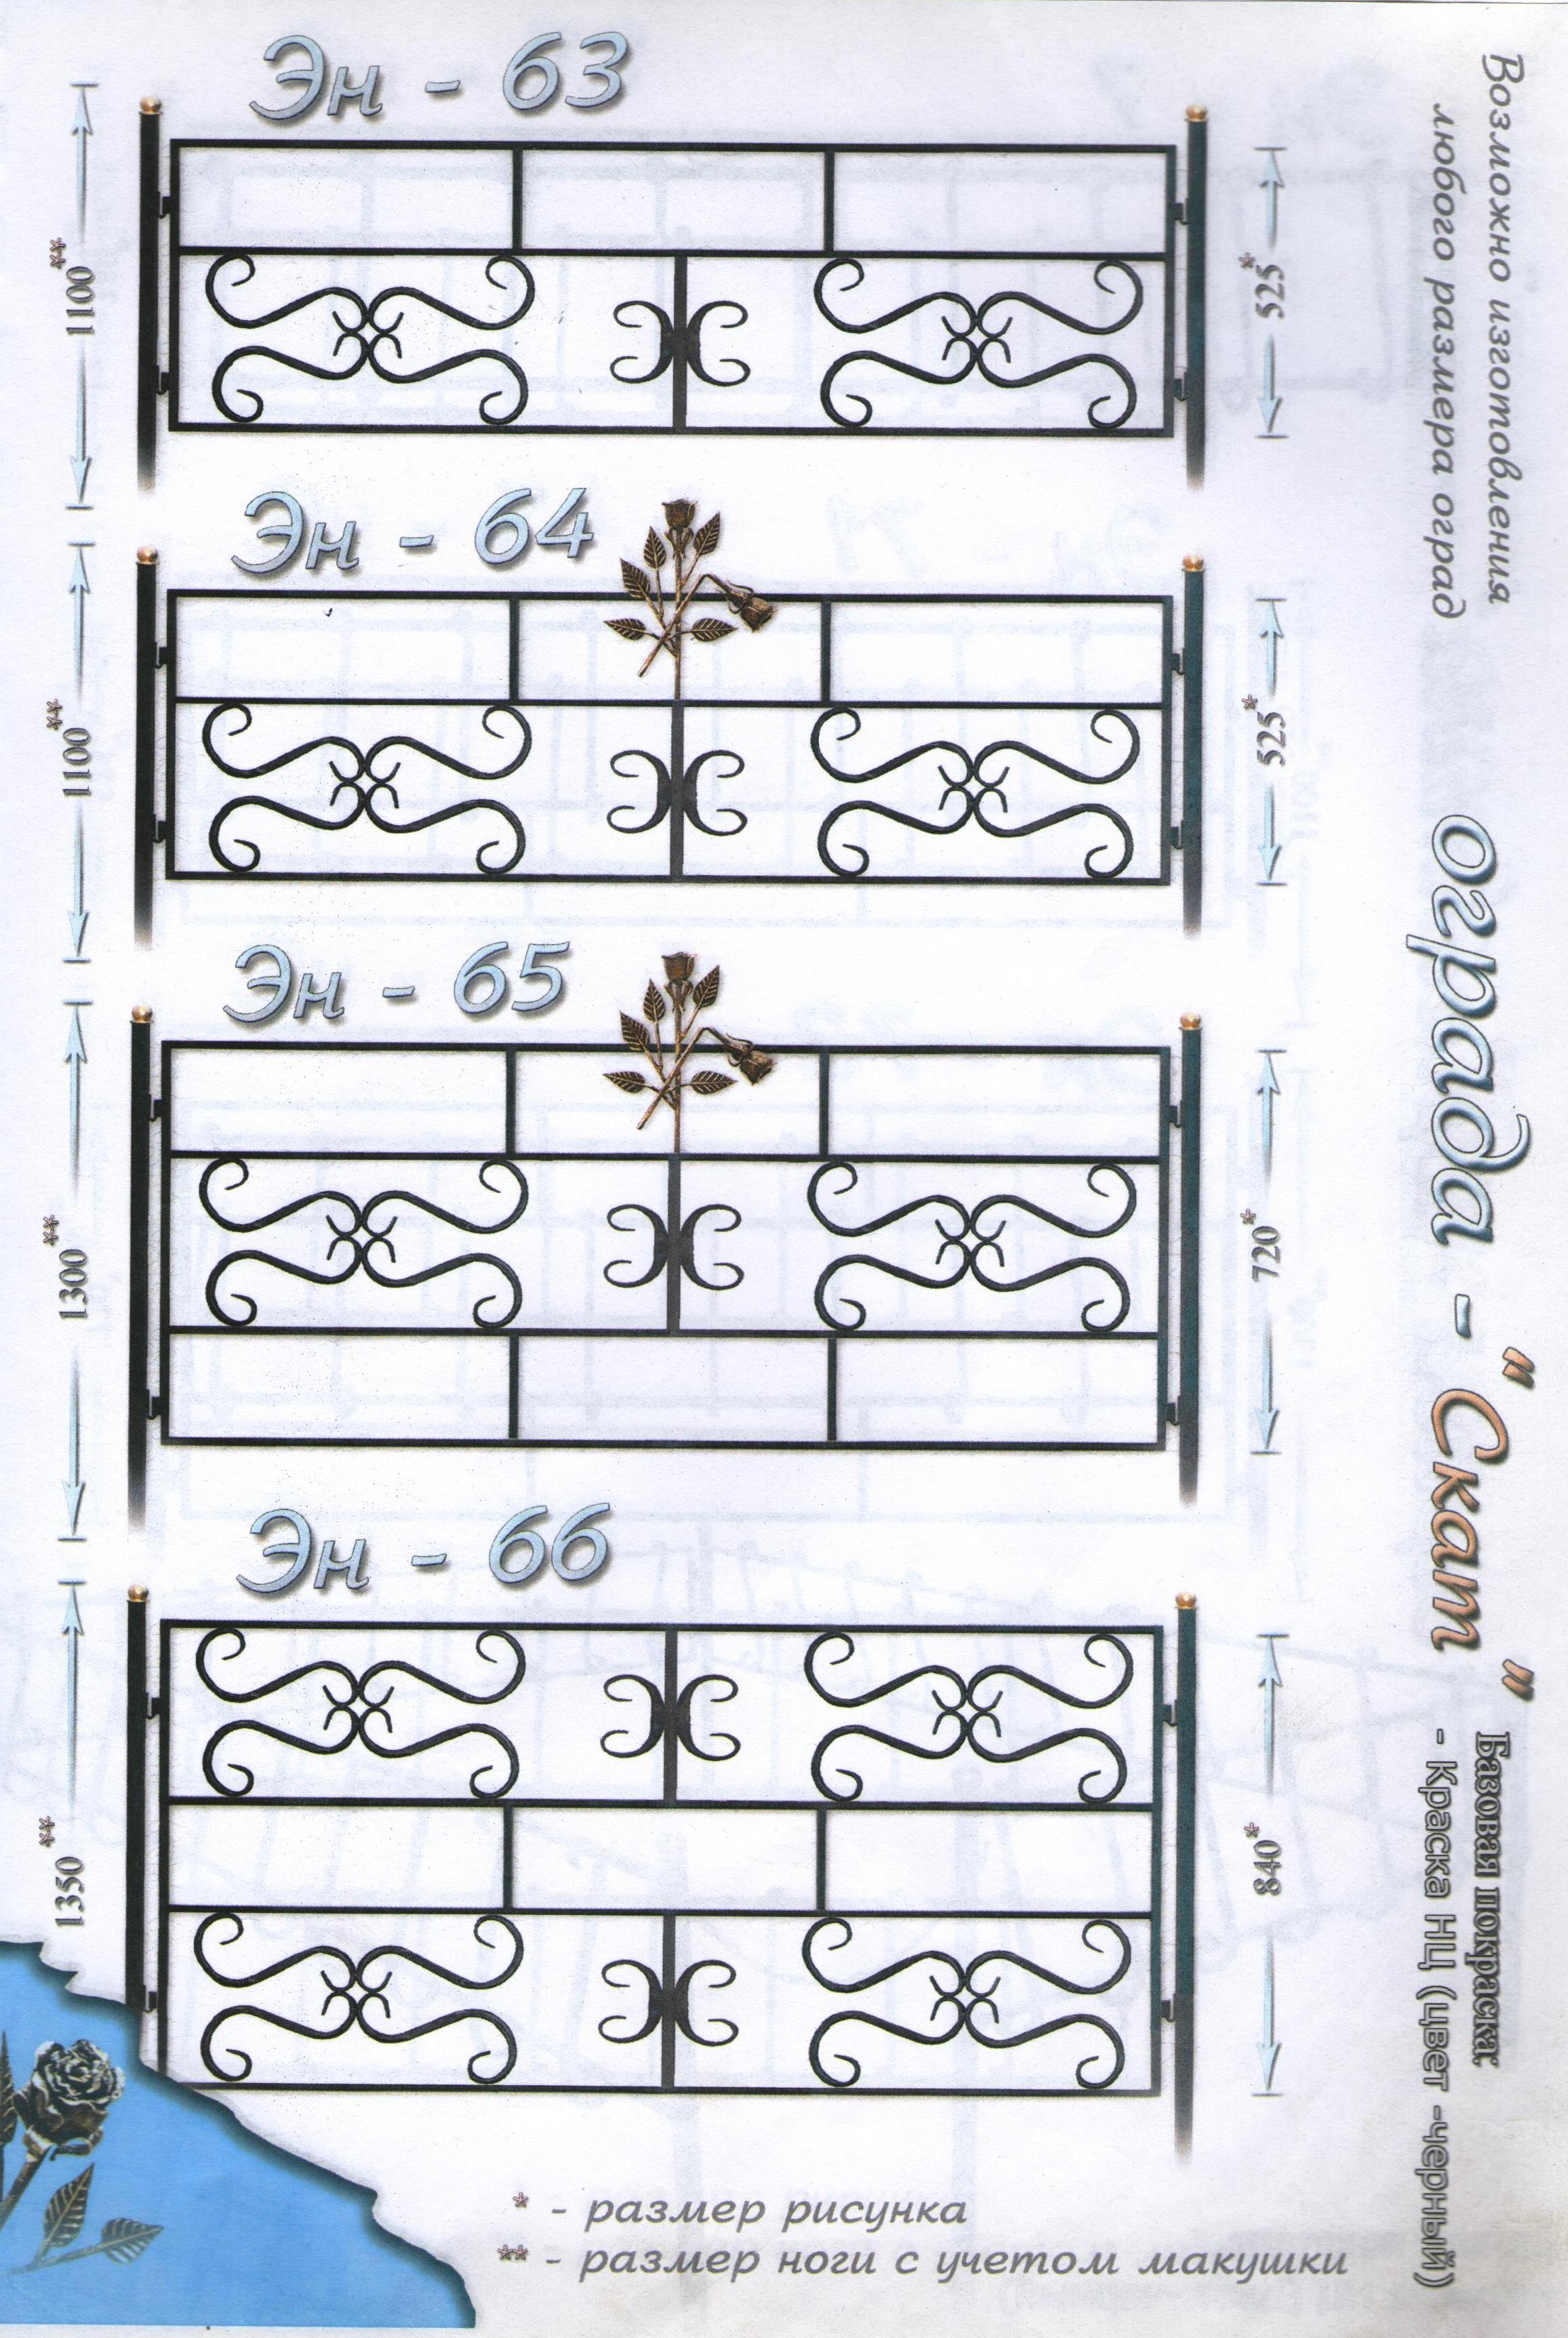 ограда 2019-03-11 038